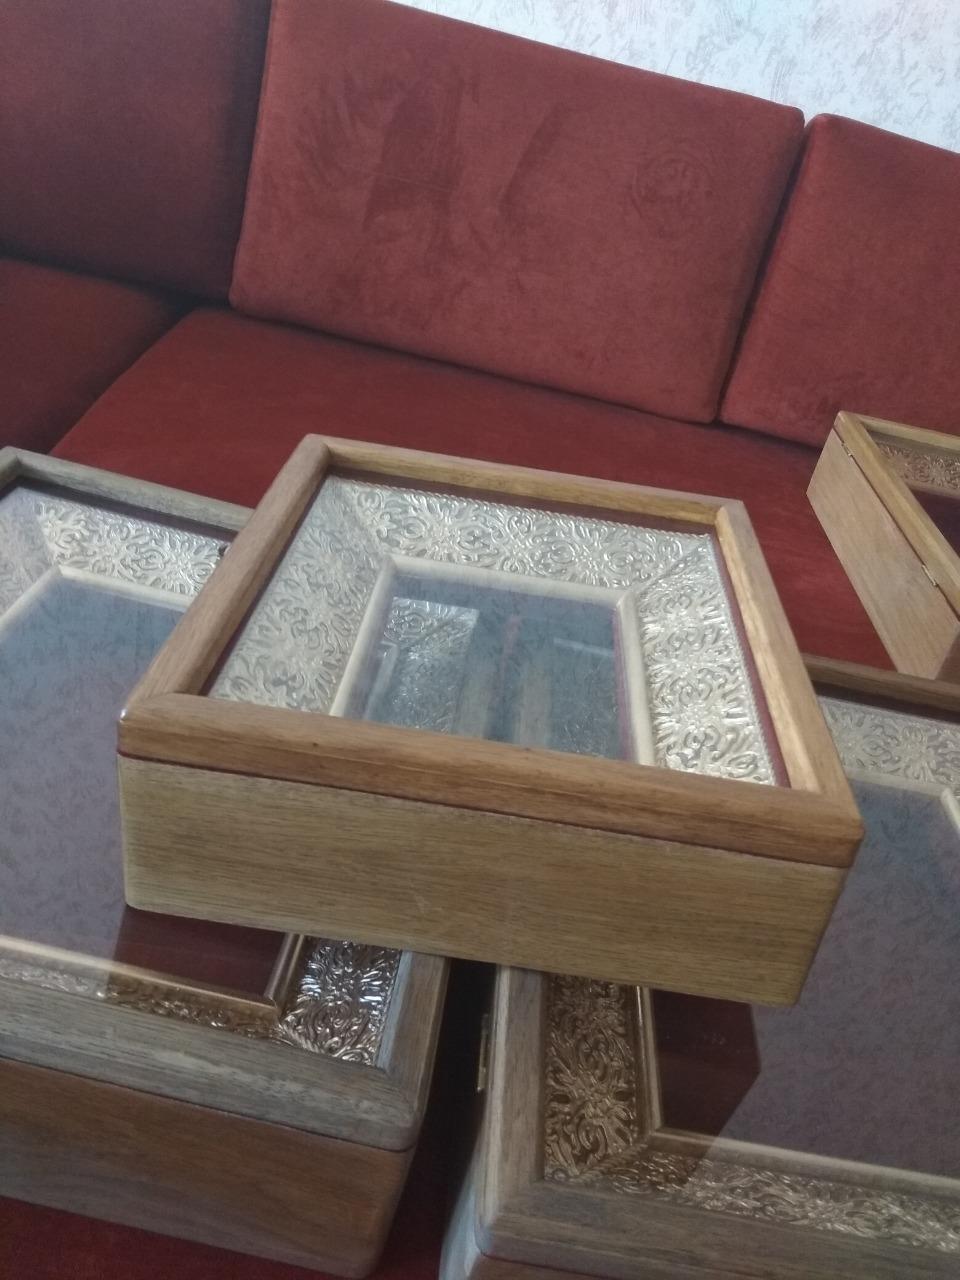 Изготовление деревянного киота на заказ в мастерской RESTORER.EXPERT